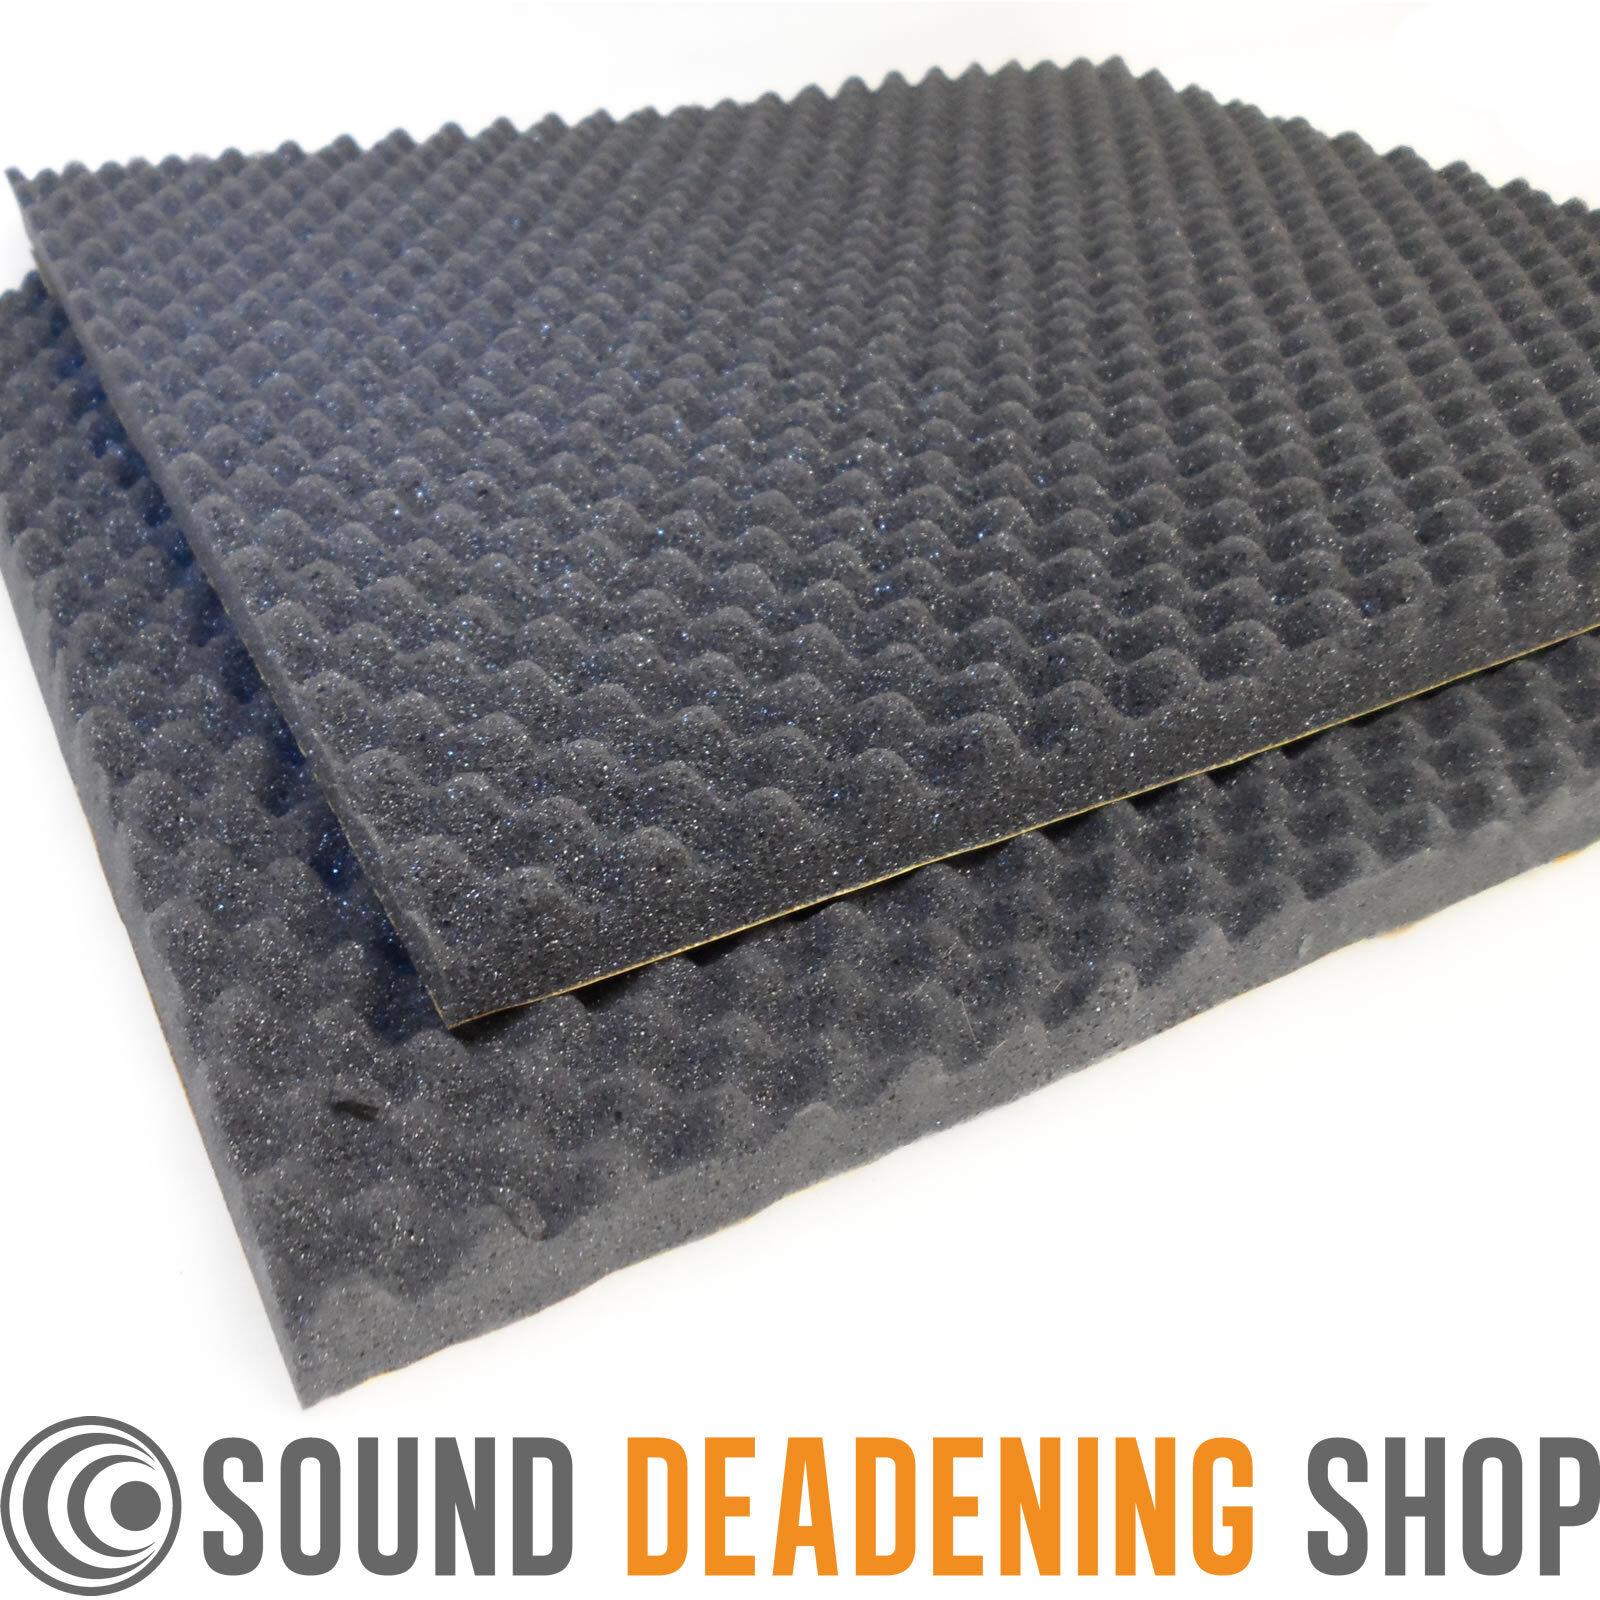 silent coat sound absorber 35mm 2 sheets acoustic foam car deadening proofing. Black Bedroom Furniture Sets. Home Design Ideas